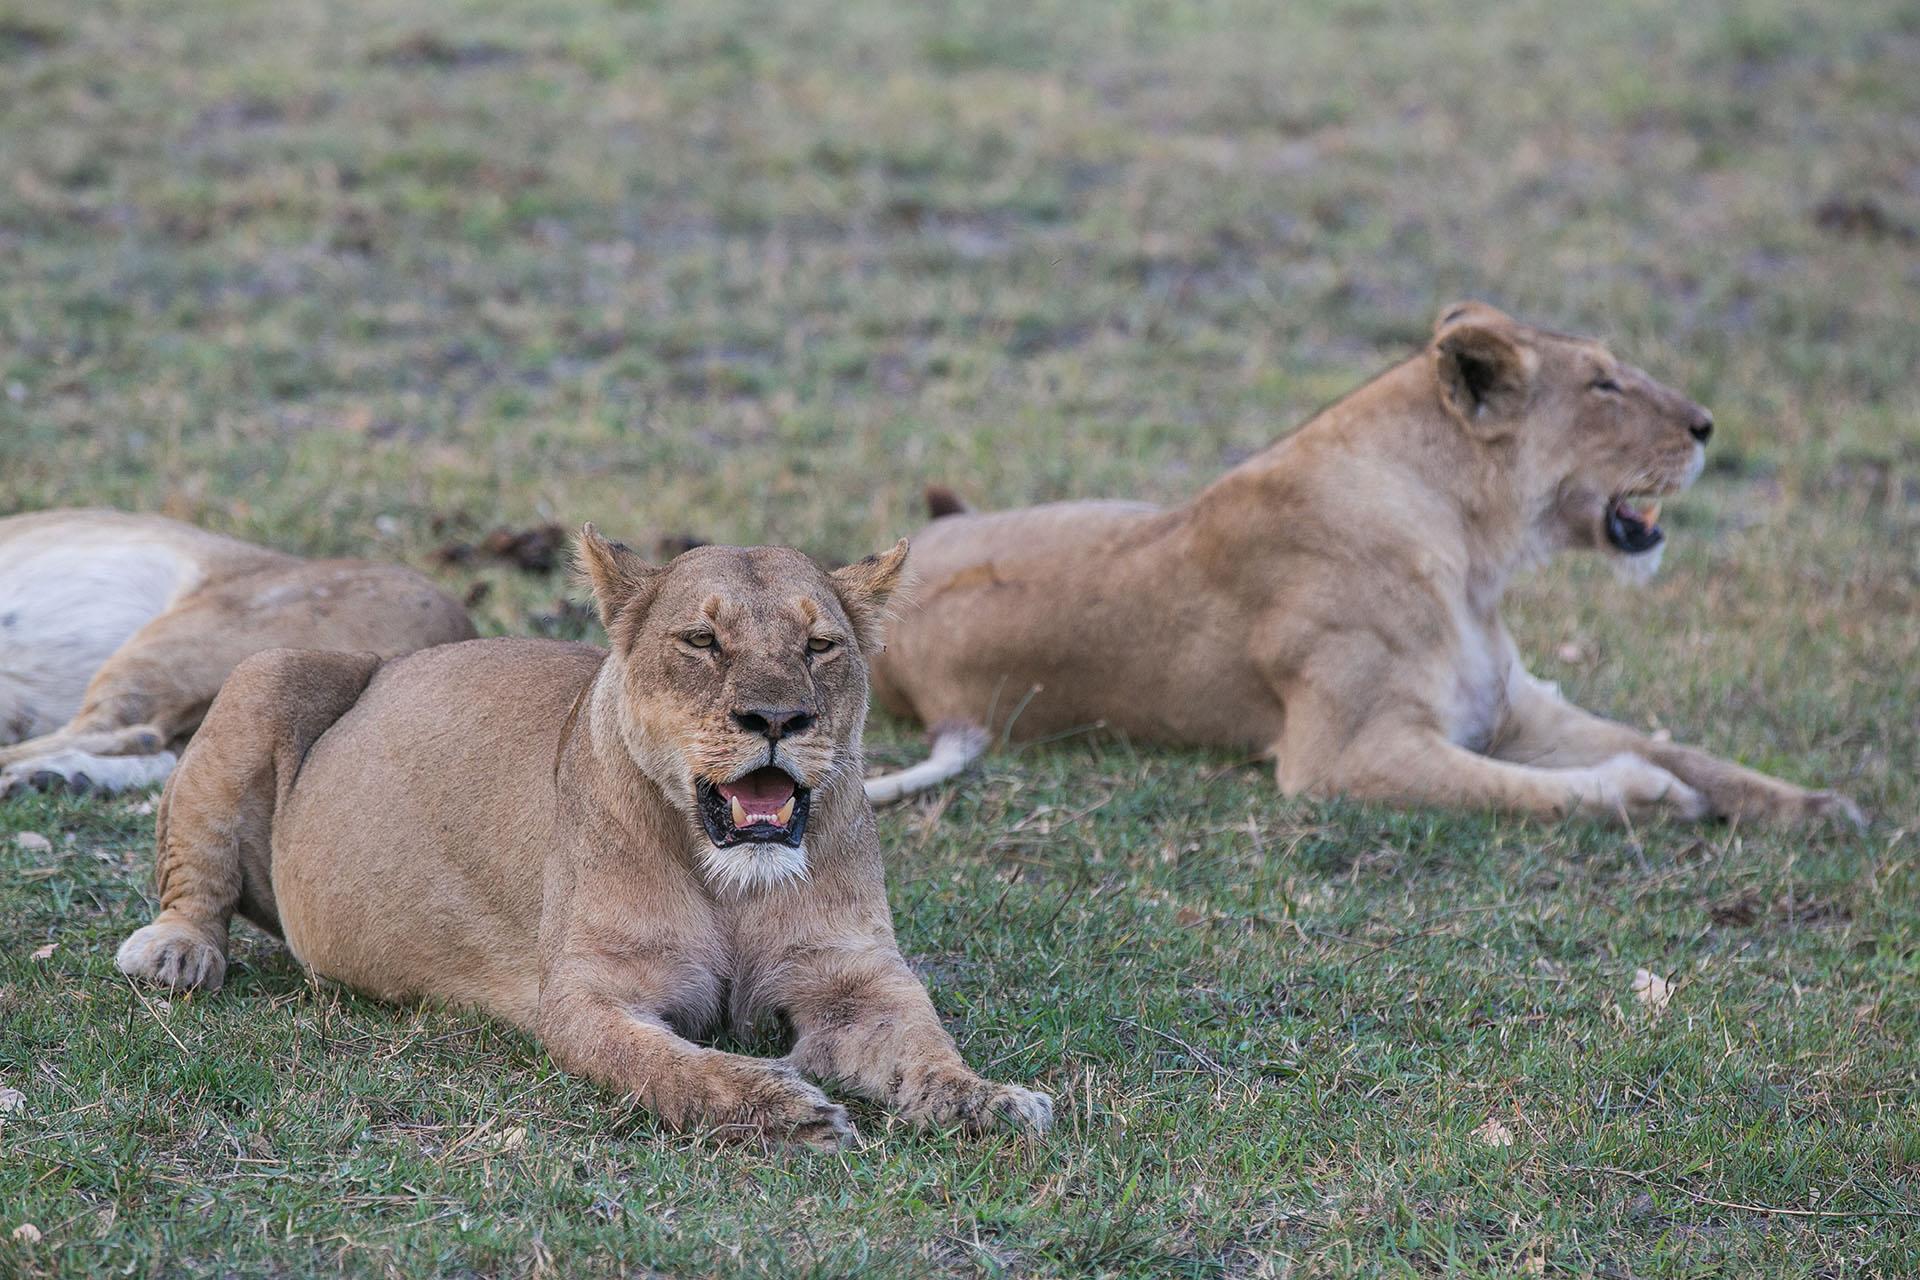 Safari Afrika welches Land, Moremi Wildlife Reserve Botswana, Rundreise BOTSWANA, individuelle Rundreise BOTSWANA, Mietwagenrundreise BOTSWANA, Reise BOTSWANA, erlebe BOTSWANA, Selbstfahrer BOTSWANA, Kleingruppenreise BOTSWANA, BOTSWANA auf eigene Faust, Gruppenreise BOTSWANA, Urlaub in BOTSWANA, Ferien in BOTSWANA, Familienreise BOTSWANA, Flitterwochen BOTSWANA, Hochzeitsreise BOTSWANA, Safari Botswana